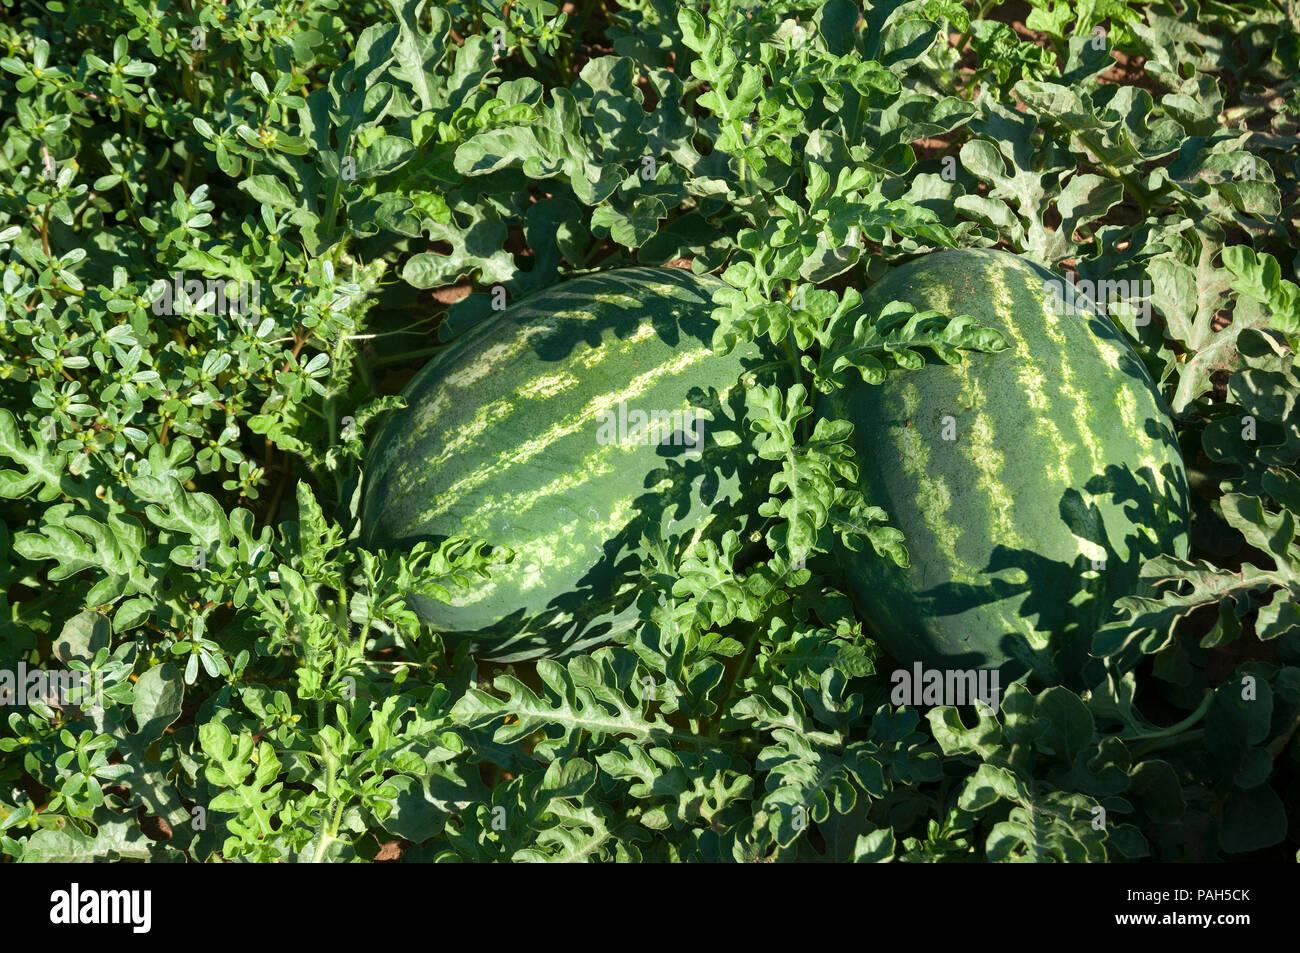 Watermelon fields in picking season - Stock Image